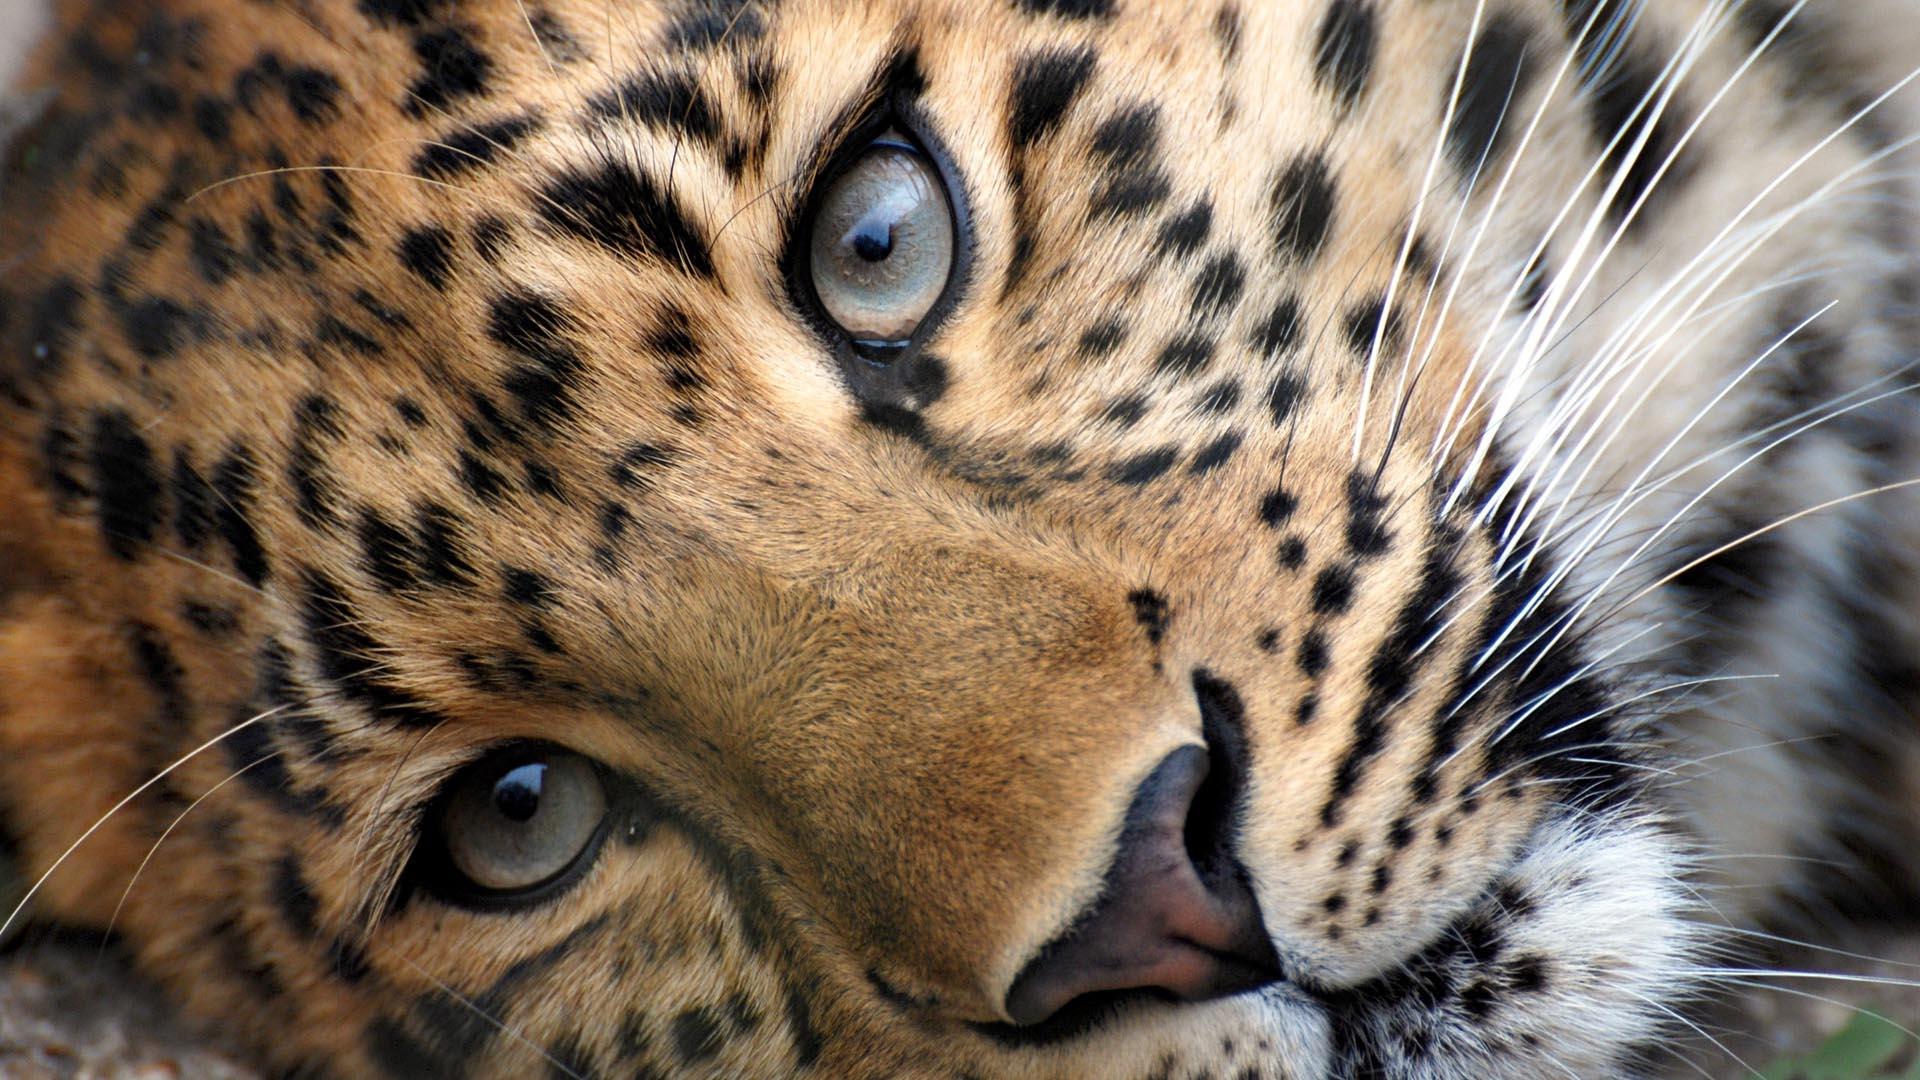 Leopard Wallpaper HD Free Download